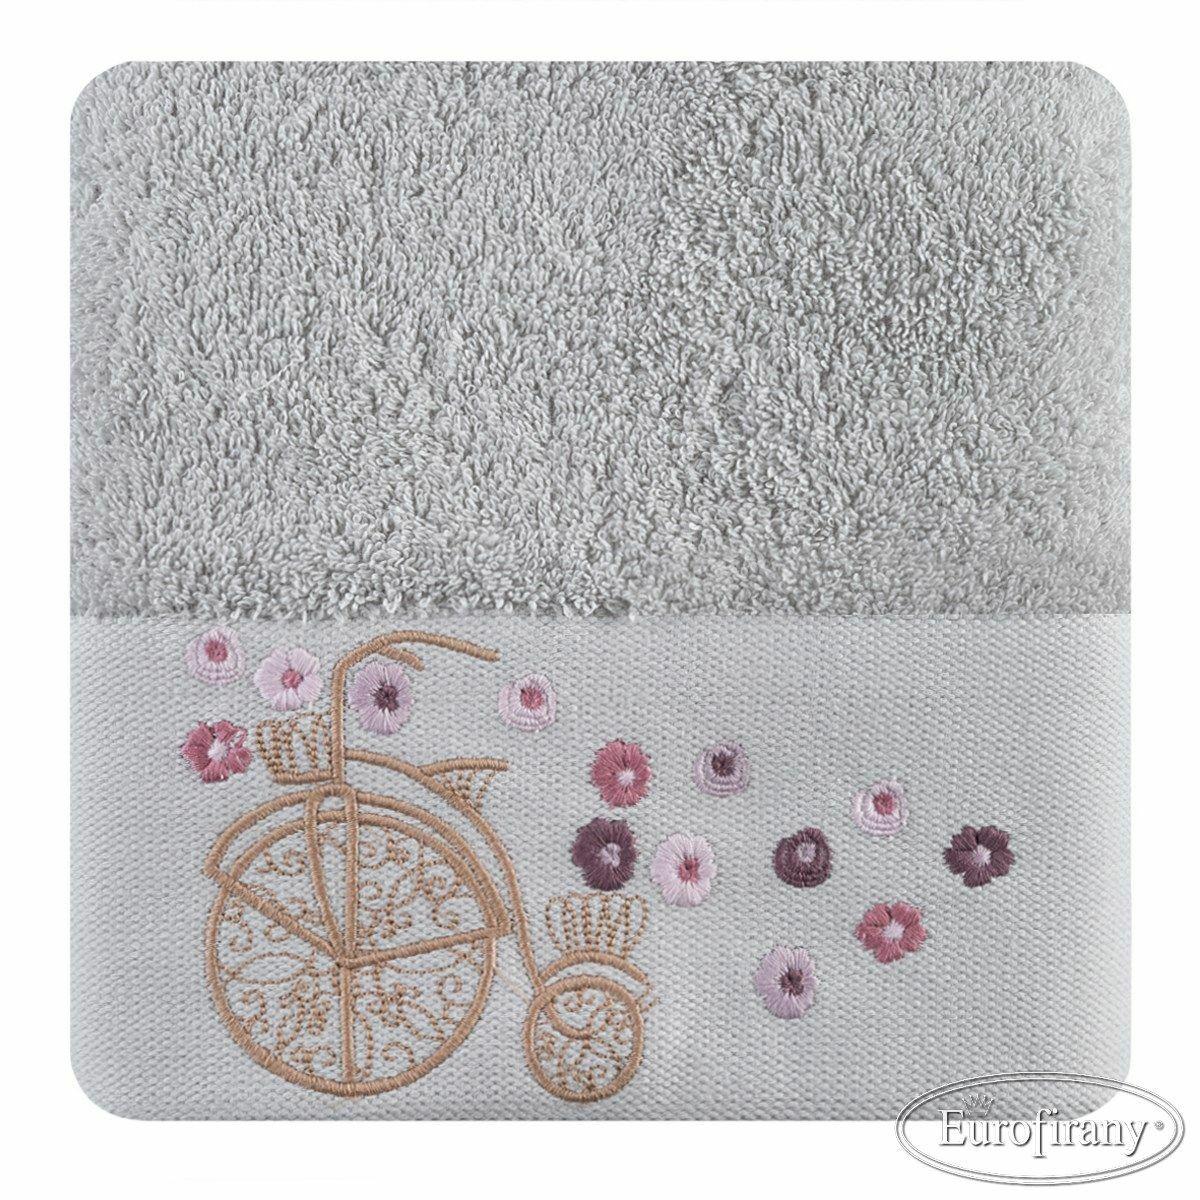 Ręcznik Joy 70x140 02 srebrny z haftem rowerek 500 gsm Eurofirany